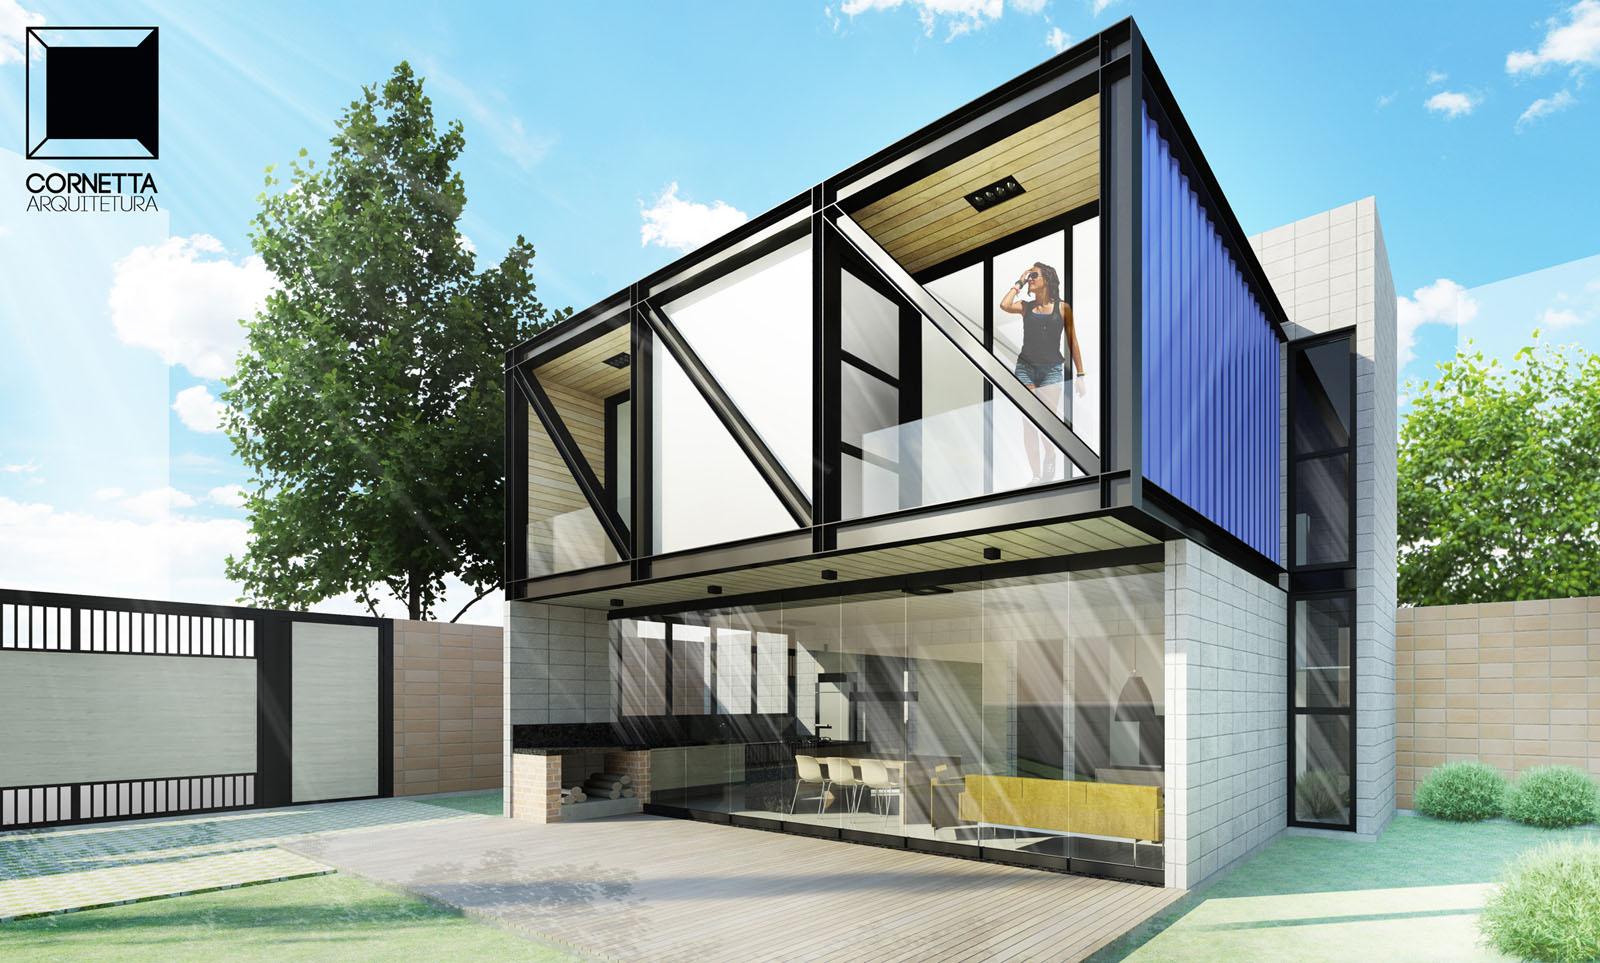 Para dar o ar arrojado misture estrutra metálica e concreto em sua casa container.